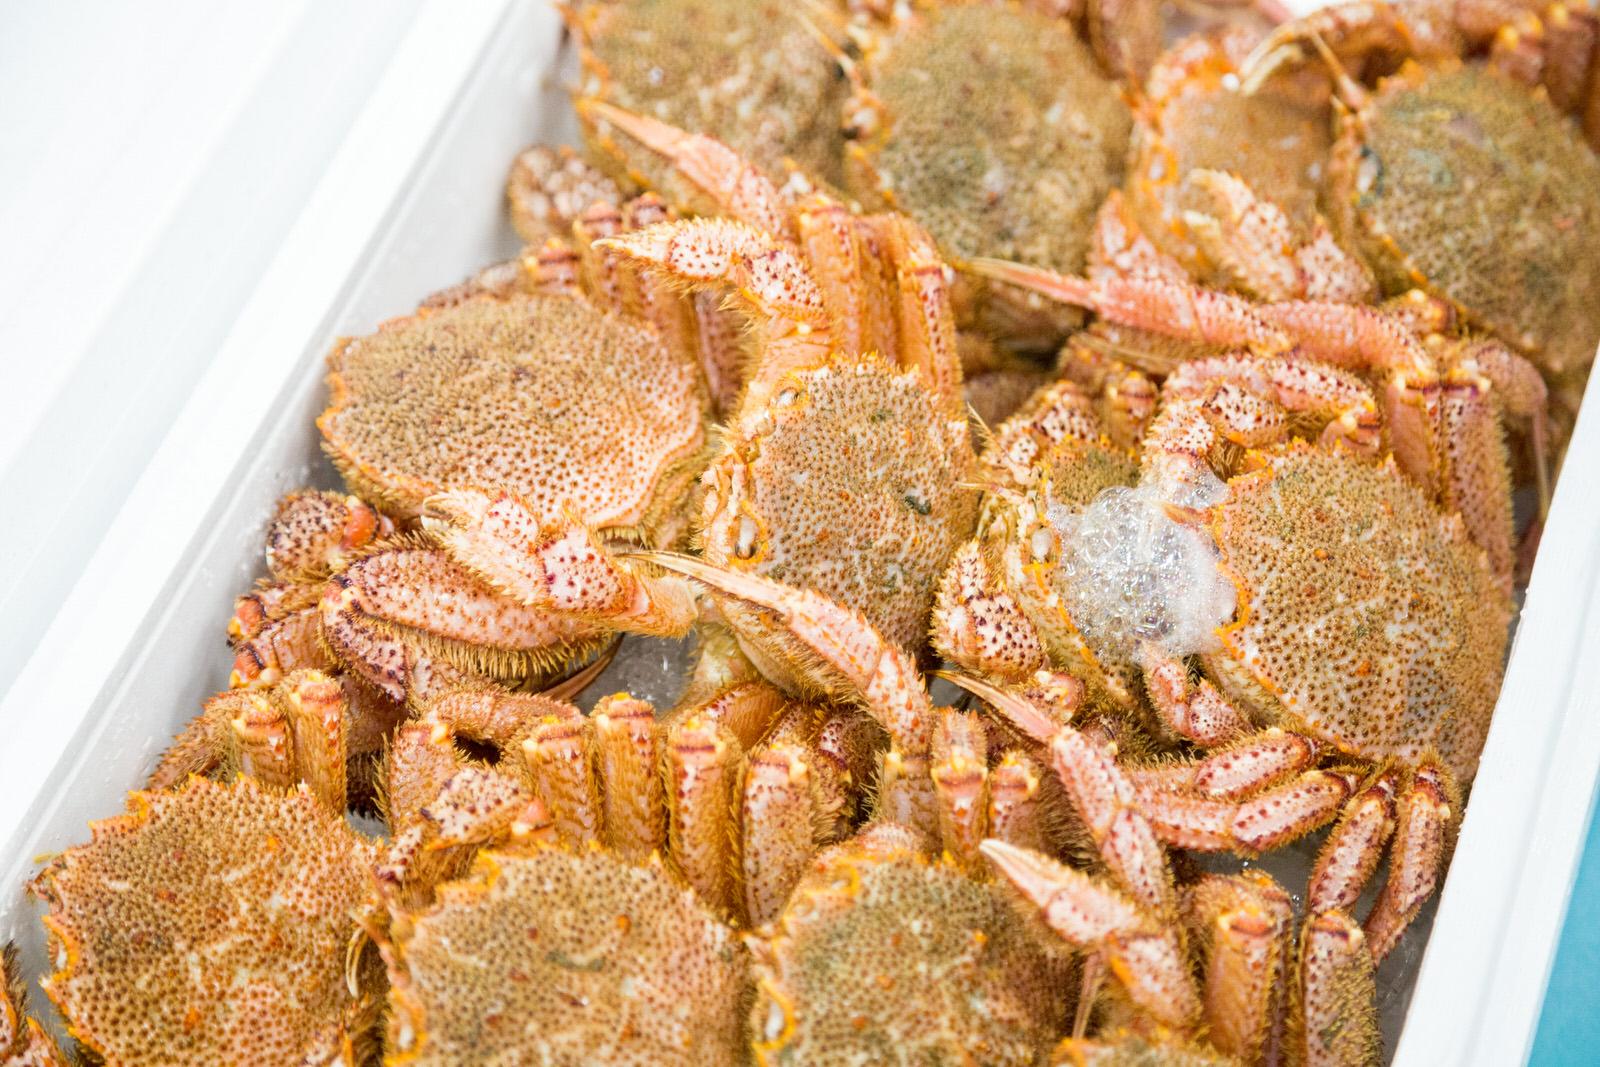 南三陸の美味しいタコ&市場見学 おすばでジャーニー#1